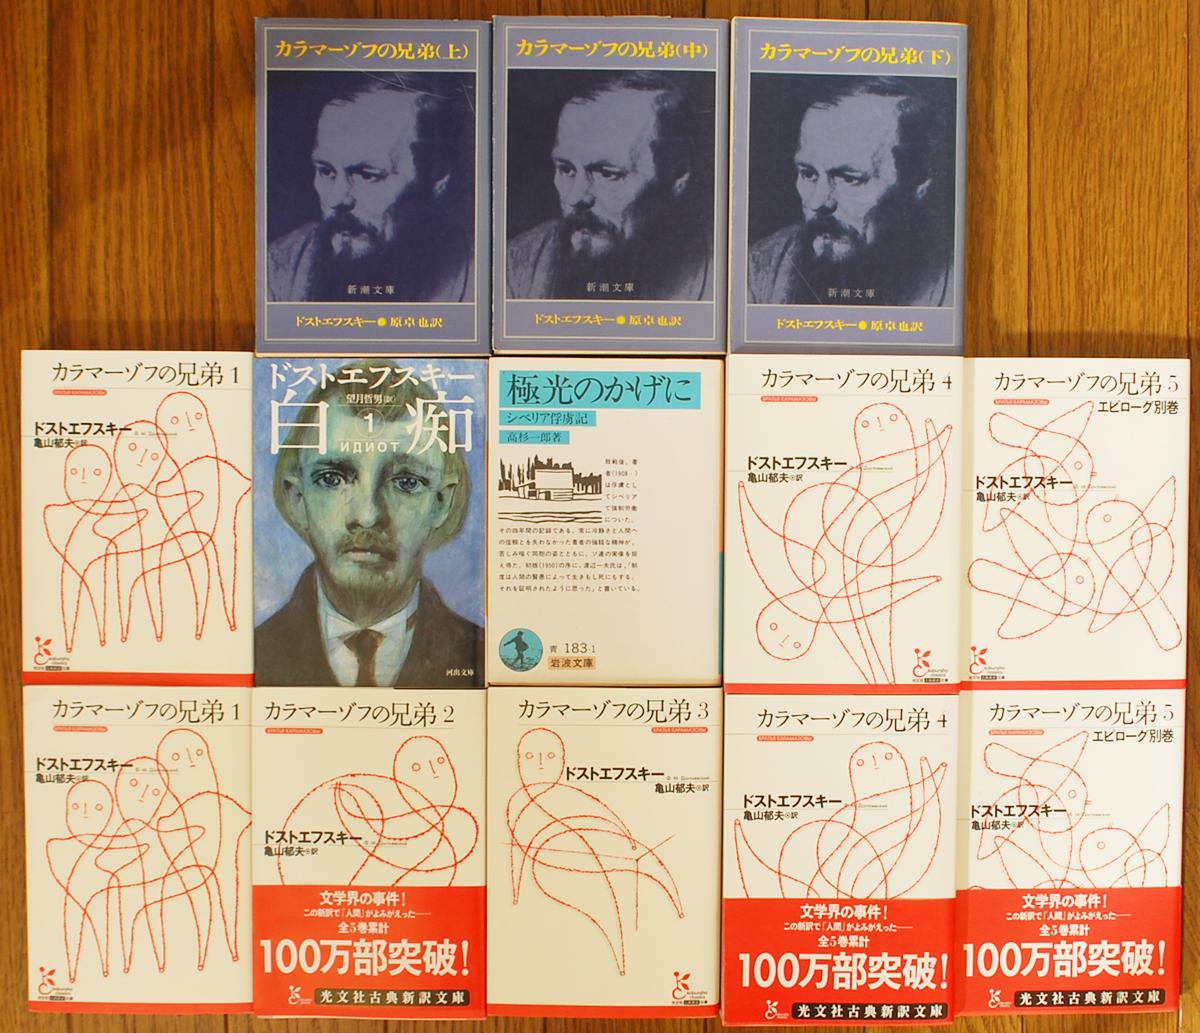 岩波文庫 極北のかげに、ドストエフスキー 白痴、カラマーゾフの兄弟など文庫買取!